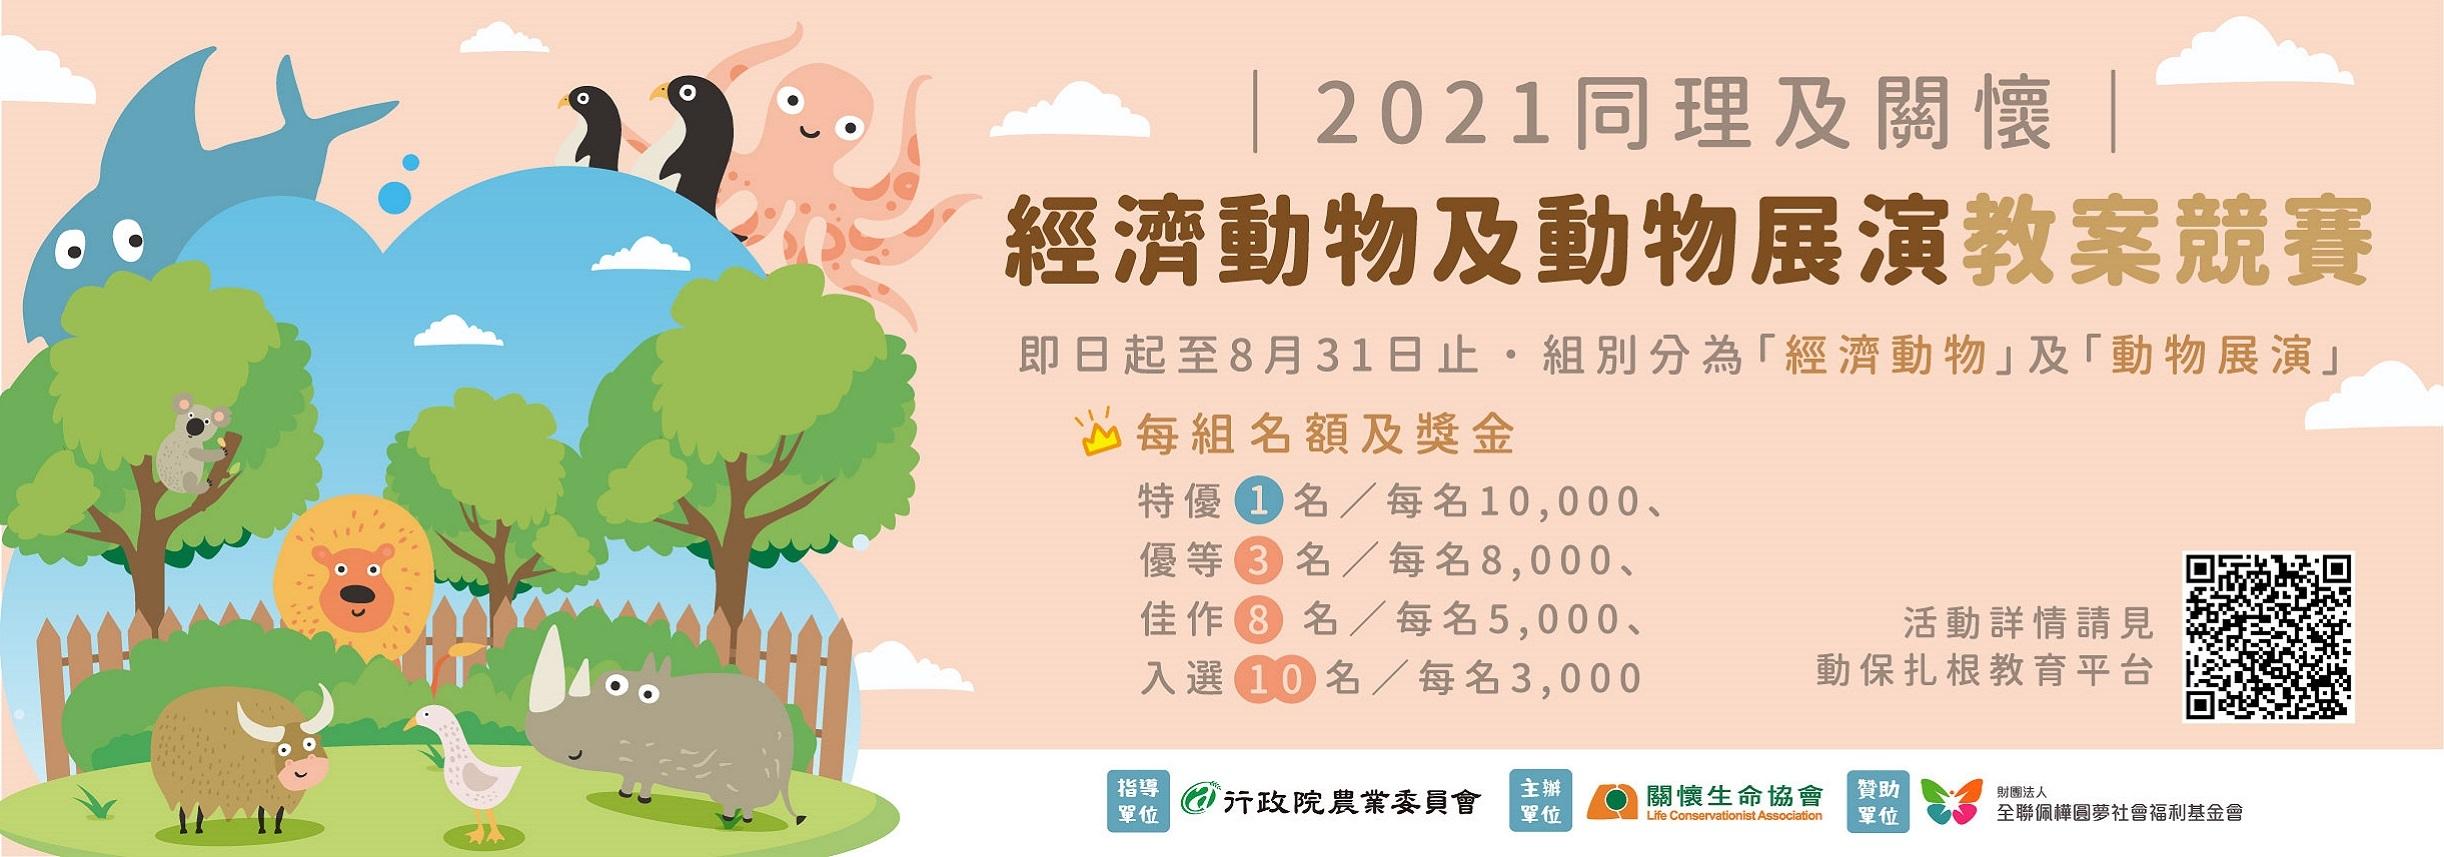 2021【同理及關懷】經濟動物及動物展演教案競賽